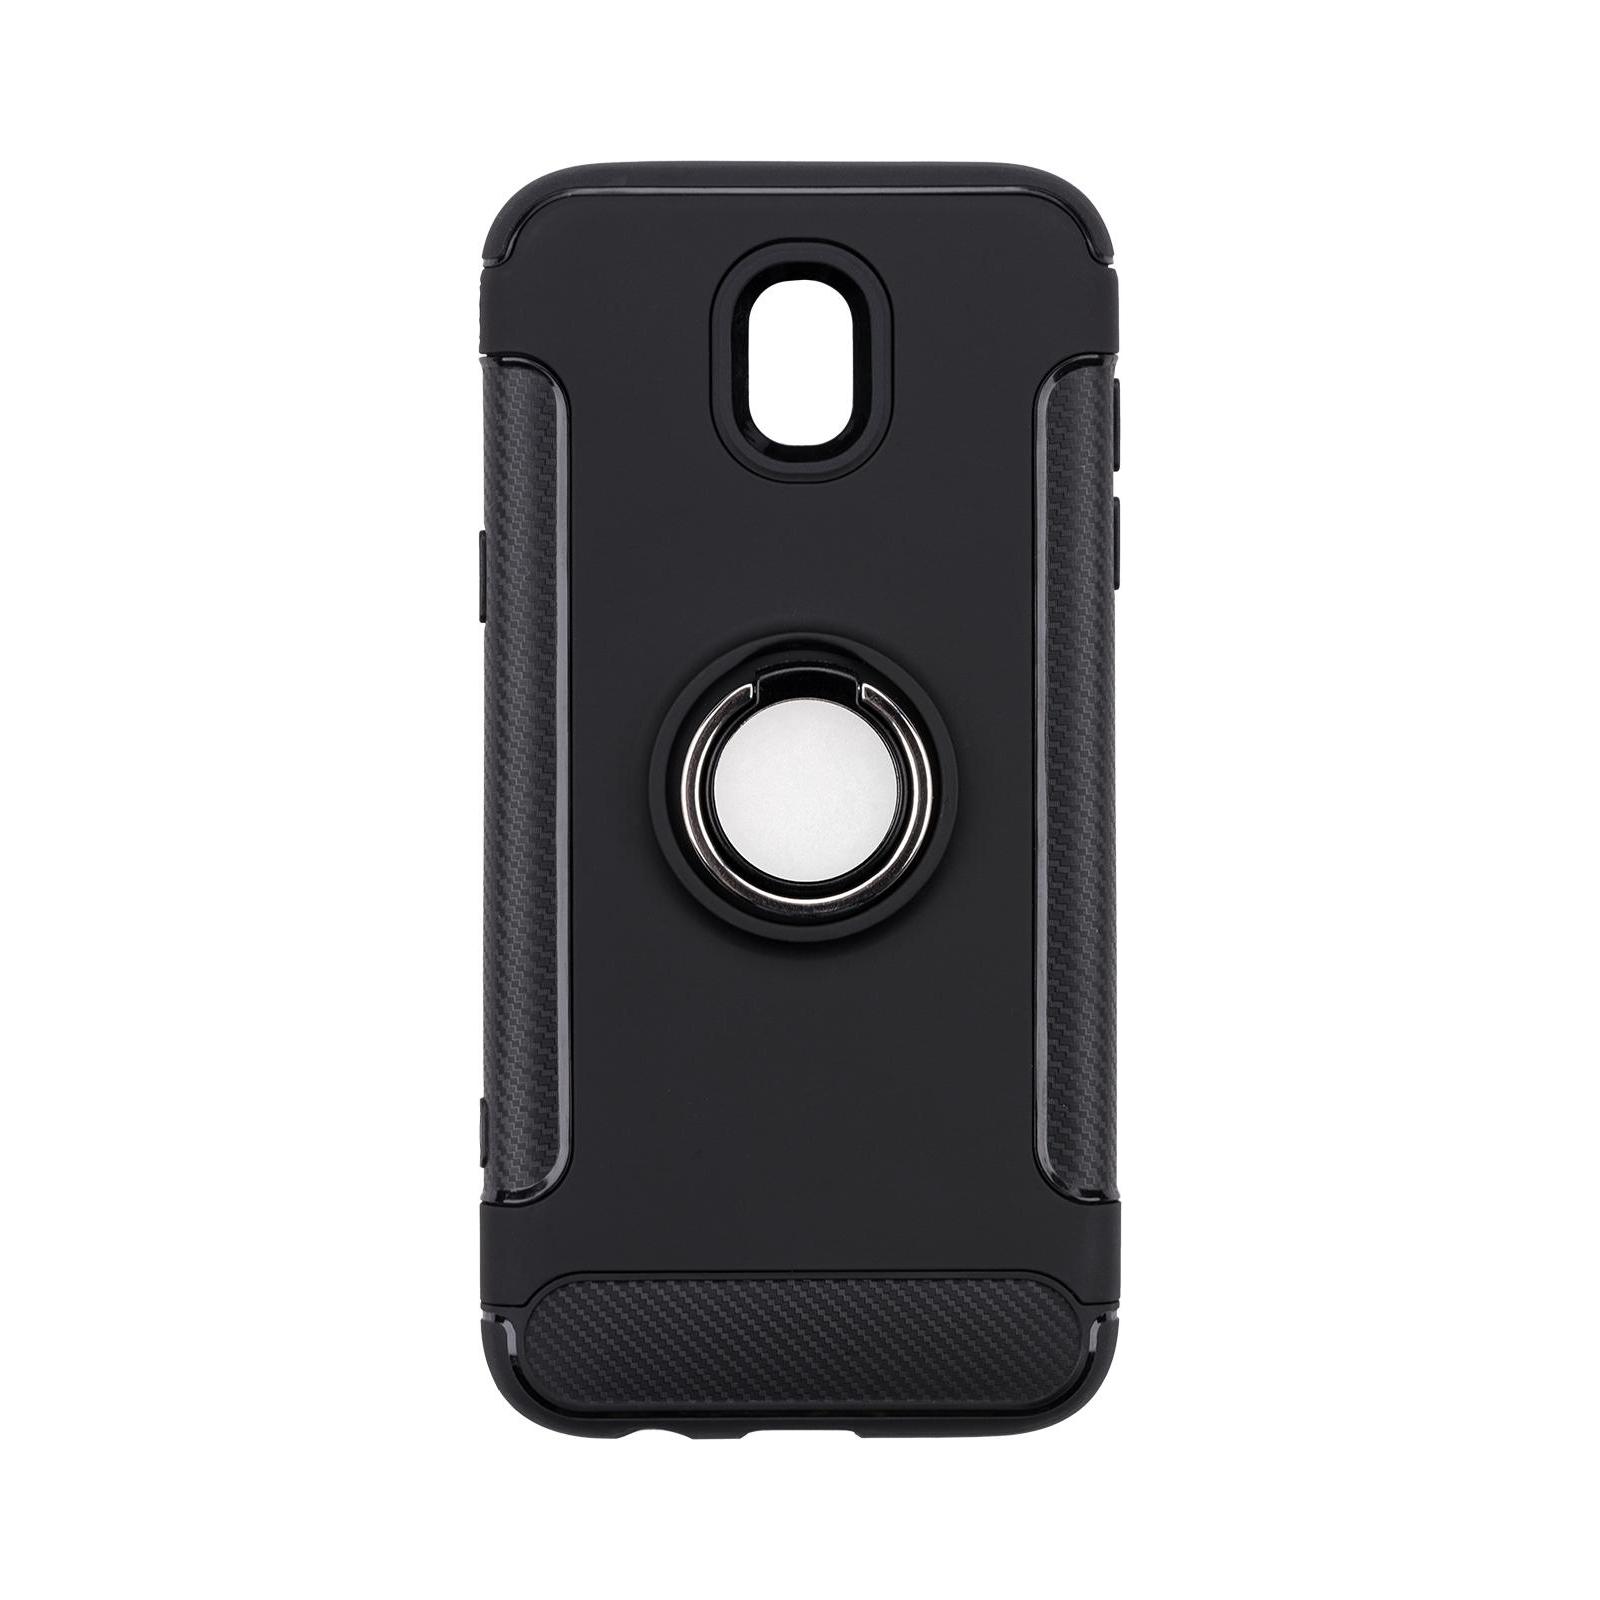 Чехол для моб. телефона Laudtec для Samsung J5 2017/J530 Ring stand (black) (LR-J530-BC) изображение 8